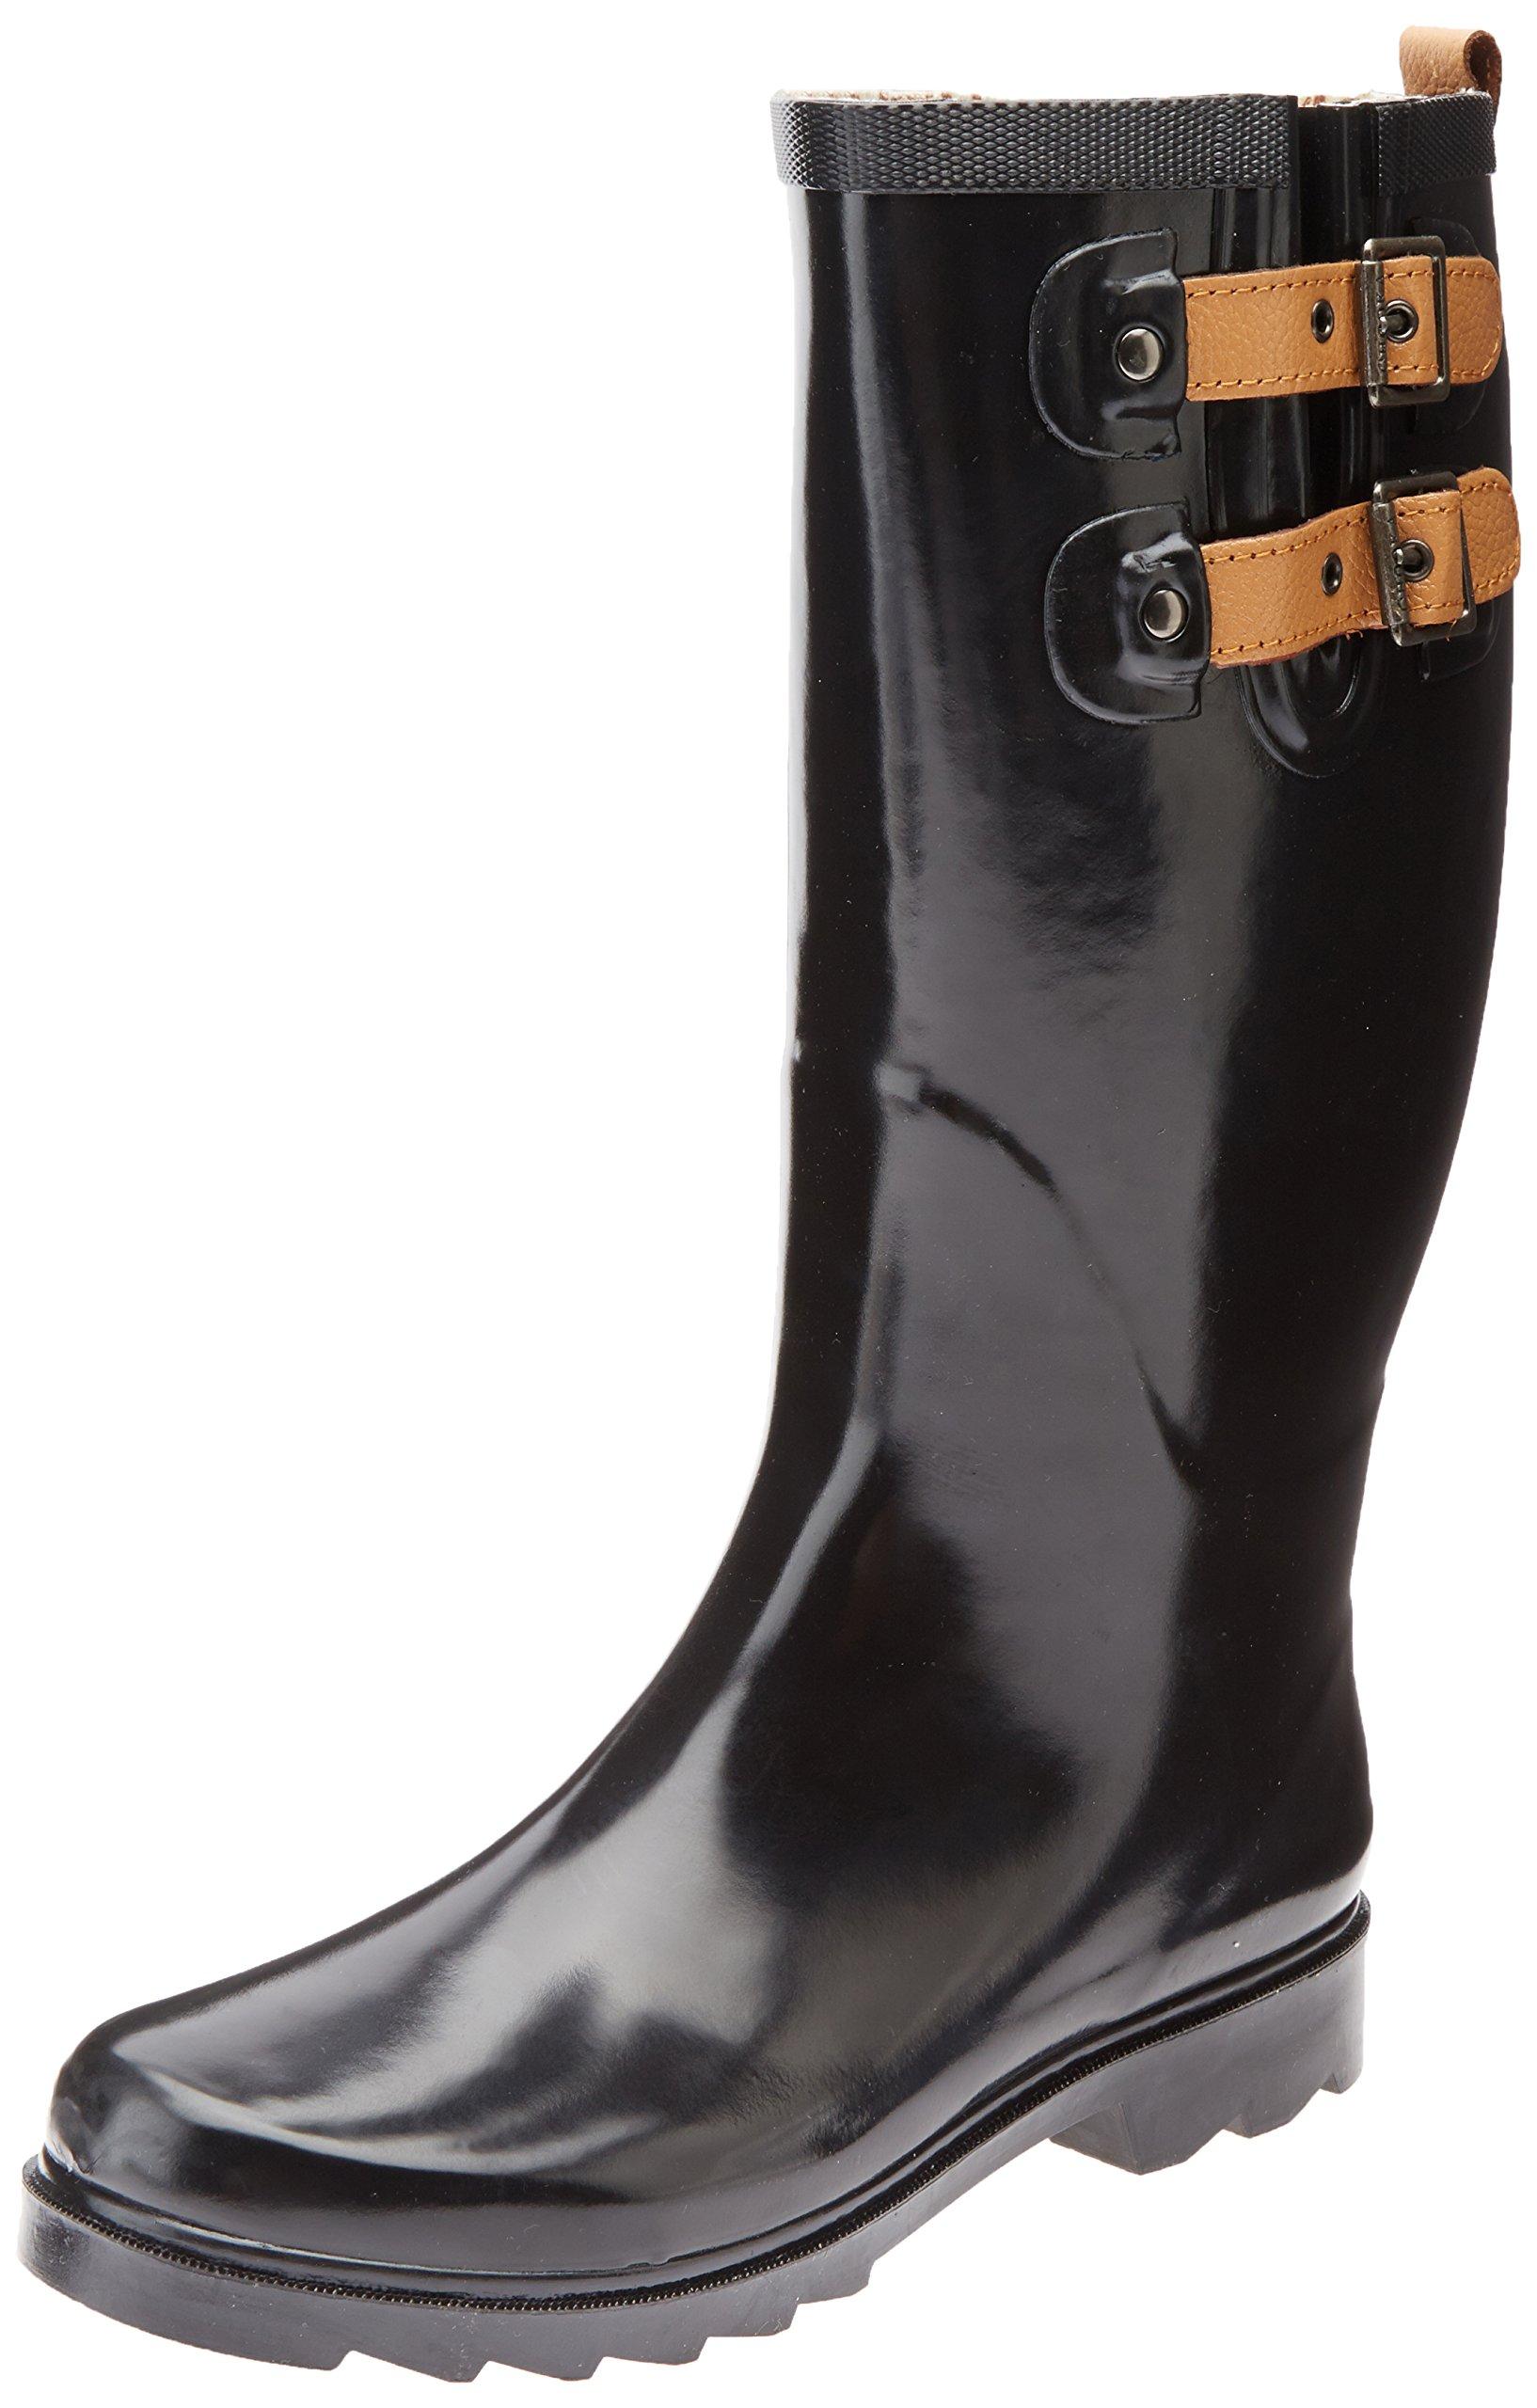 Chooka Women's Tall Rain Boot, Black/Shiny, 6 M US